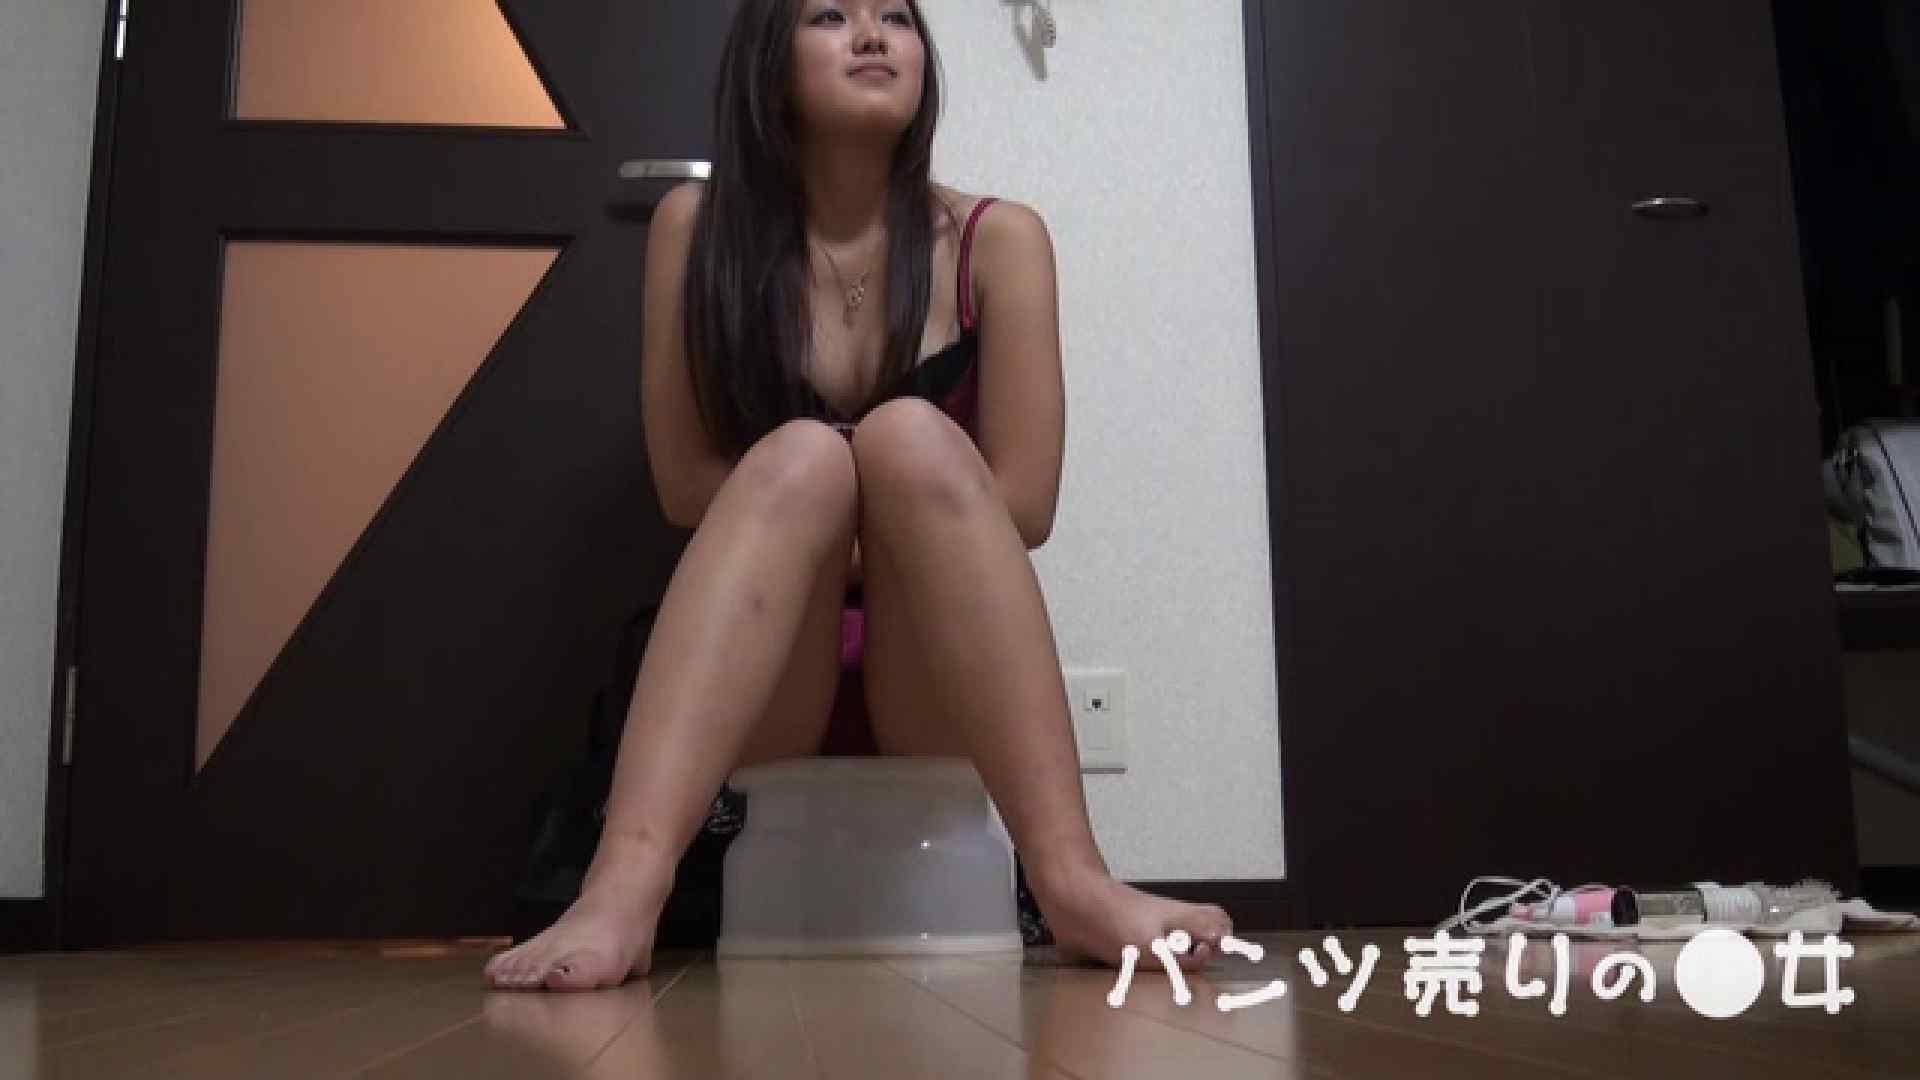 新説 パンツ売りの女の子ayu 覗き   盗撮  86PIX 49